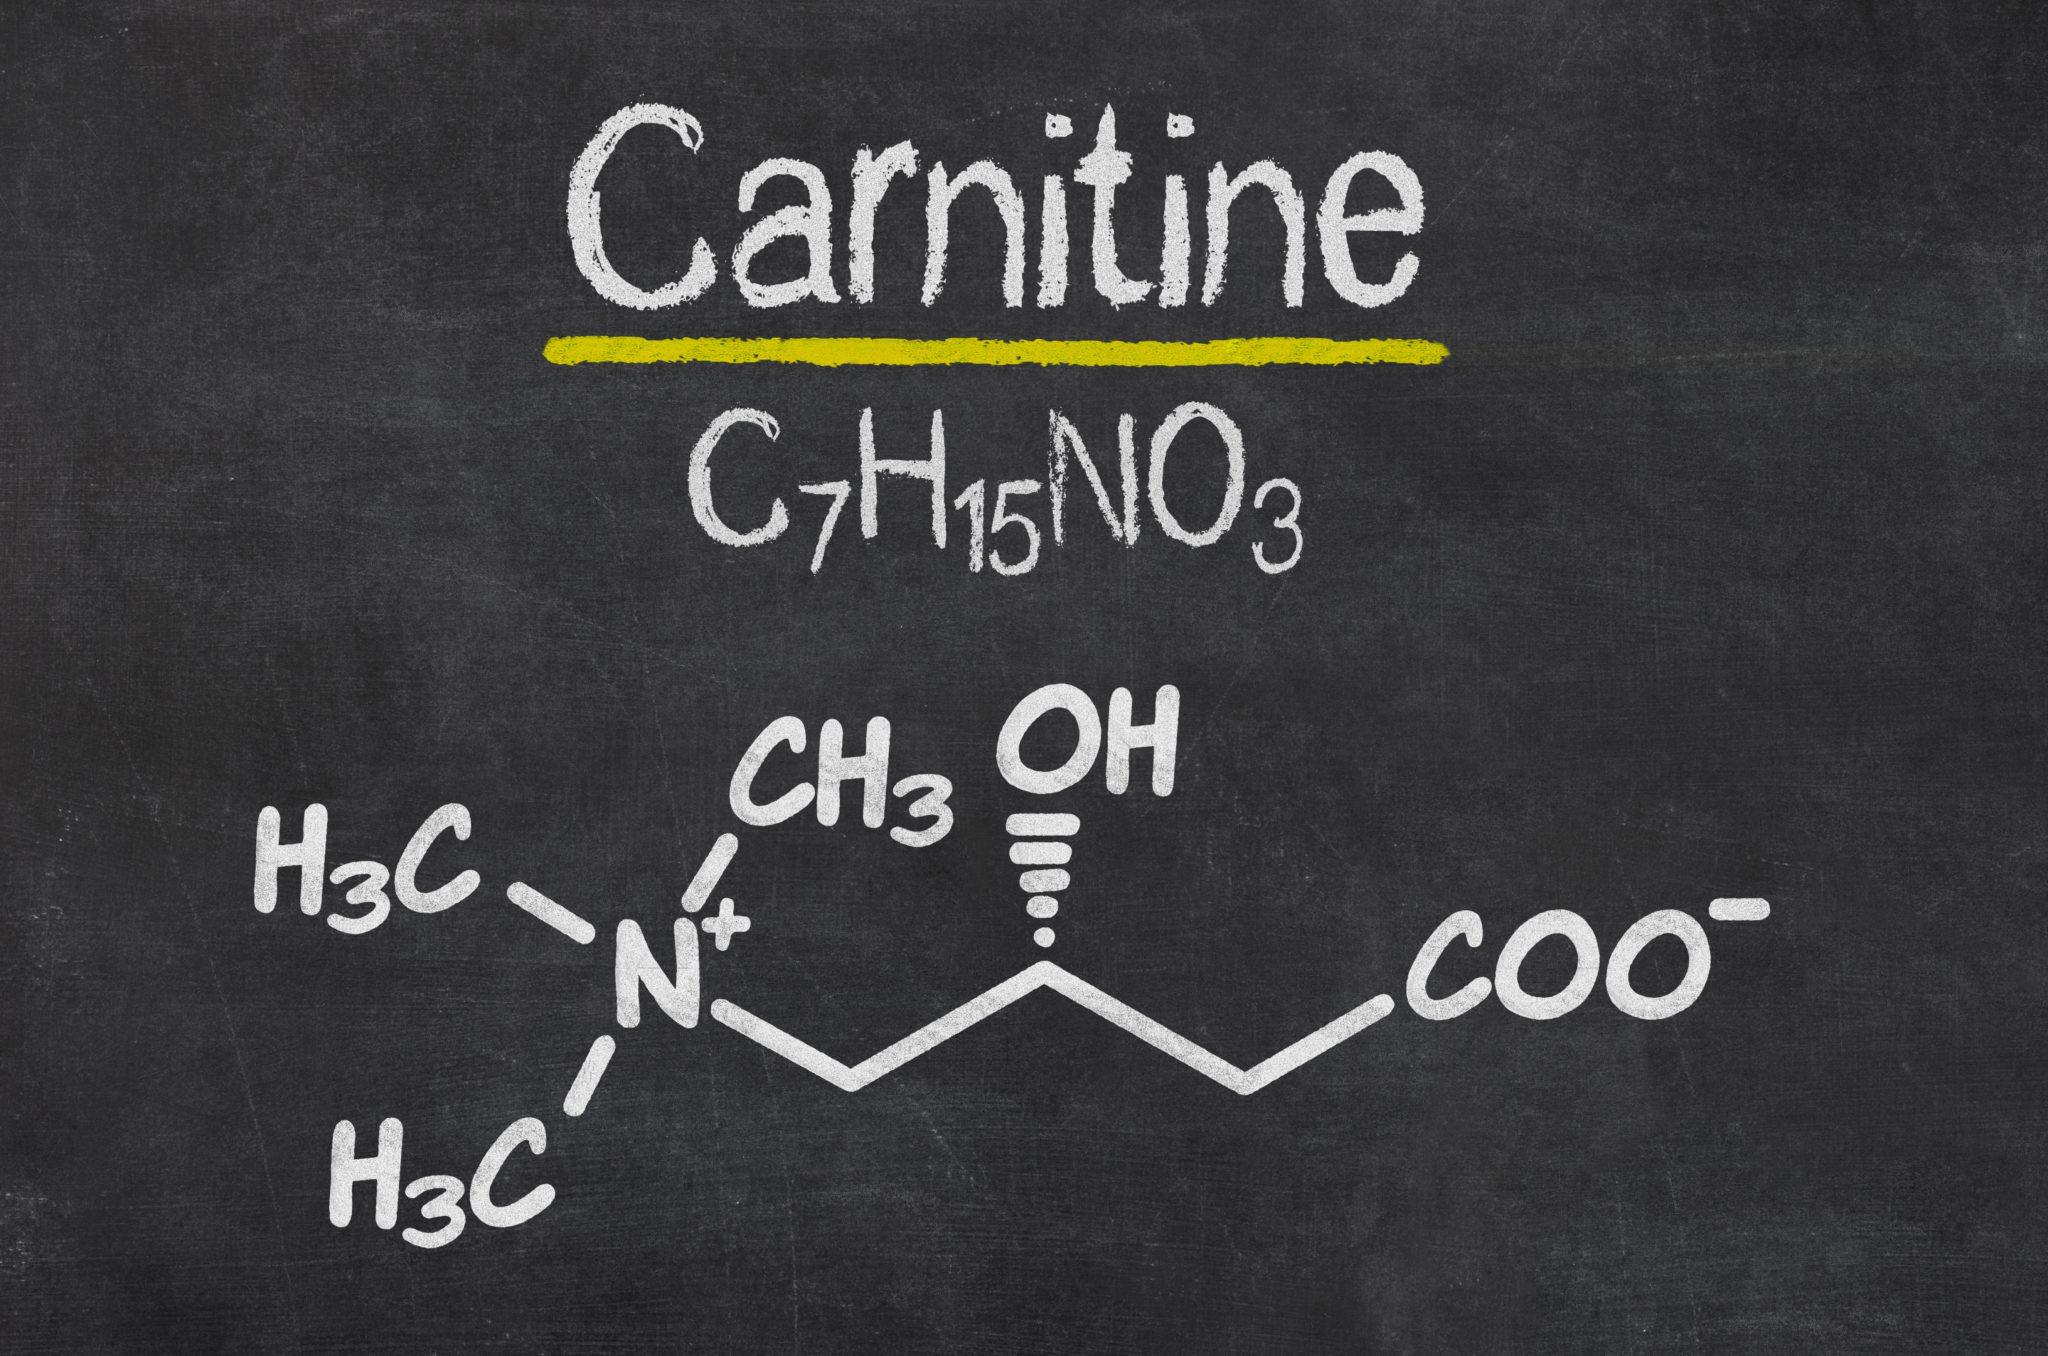 cosè la carnitina usata per perdere peso?